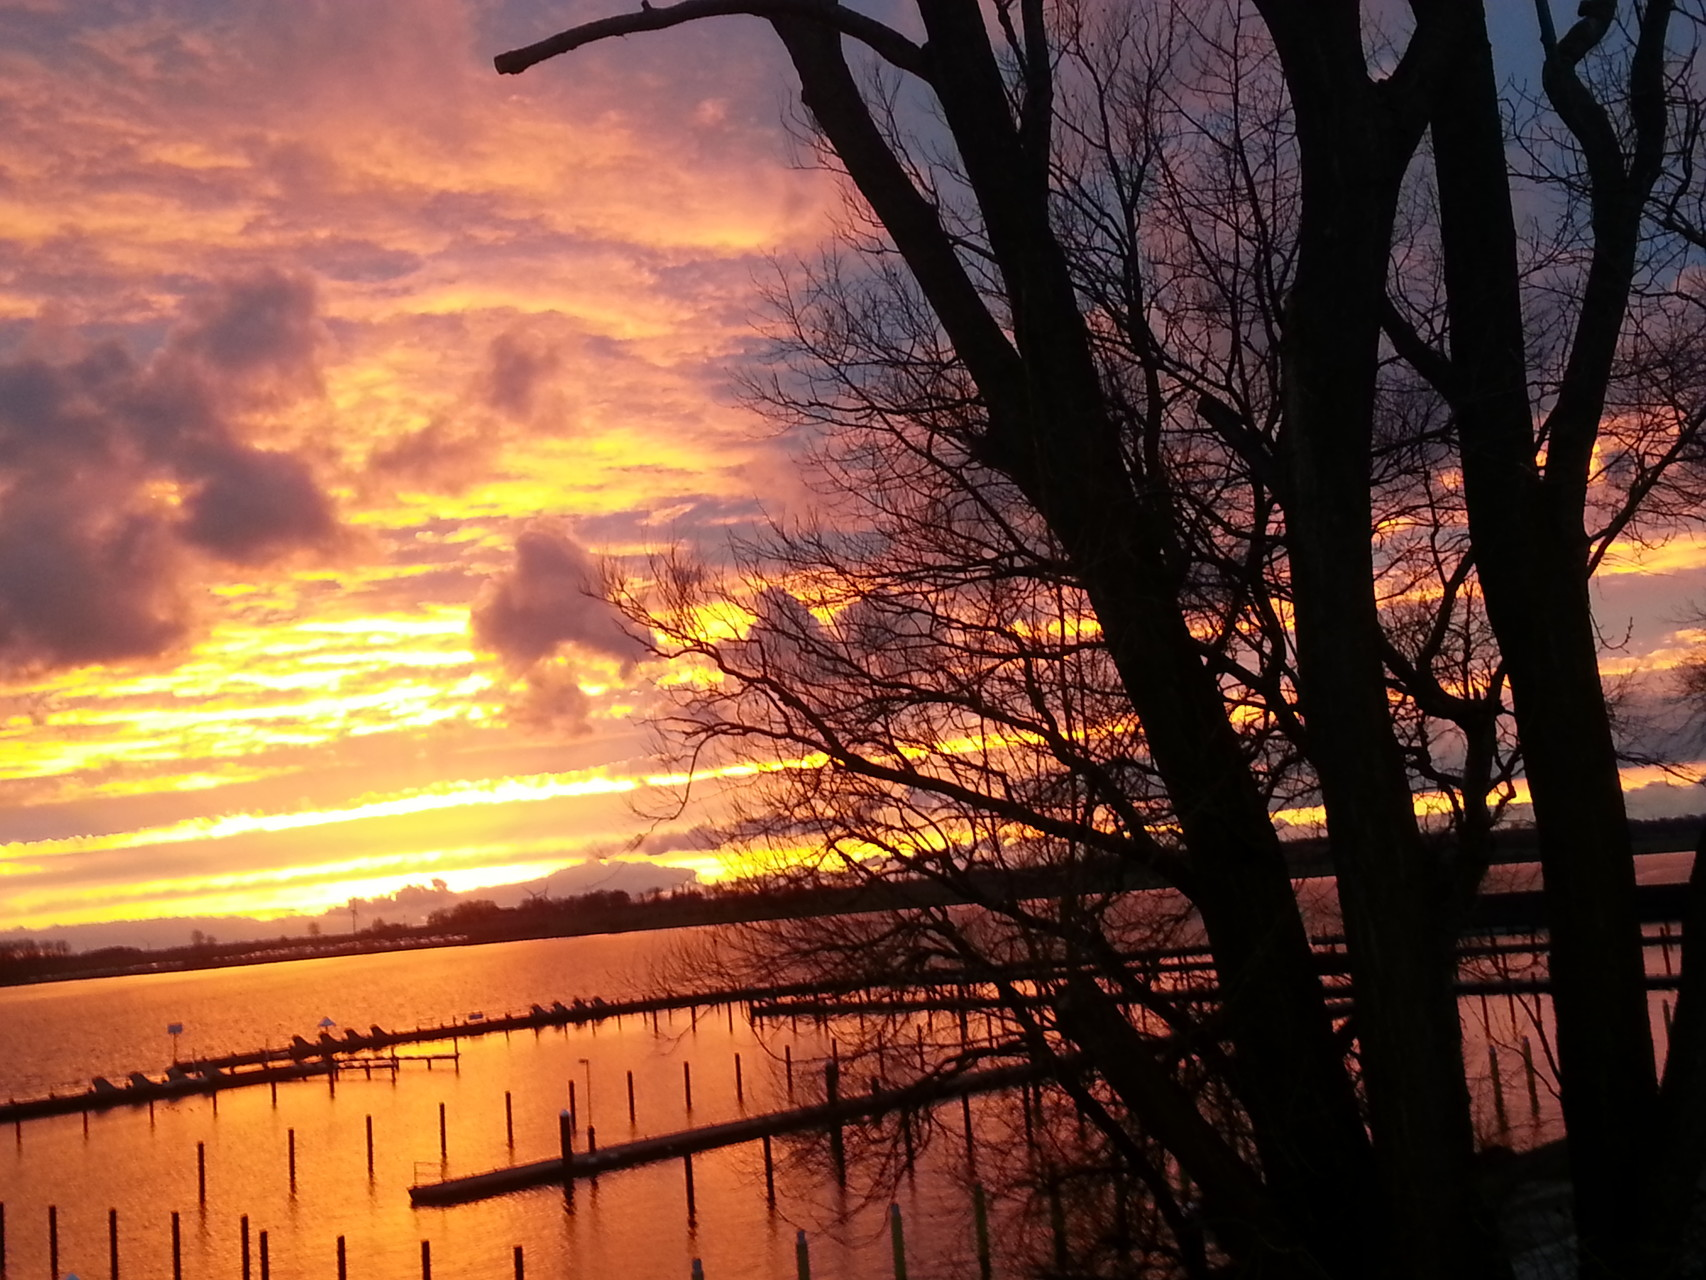 Sonnenuntergang über dem leeren Yachthafen